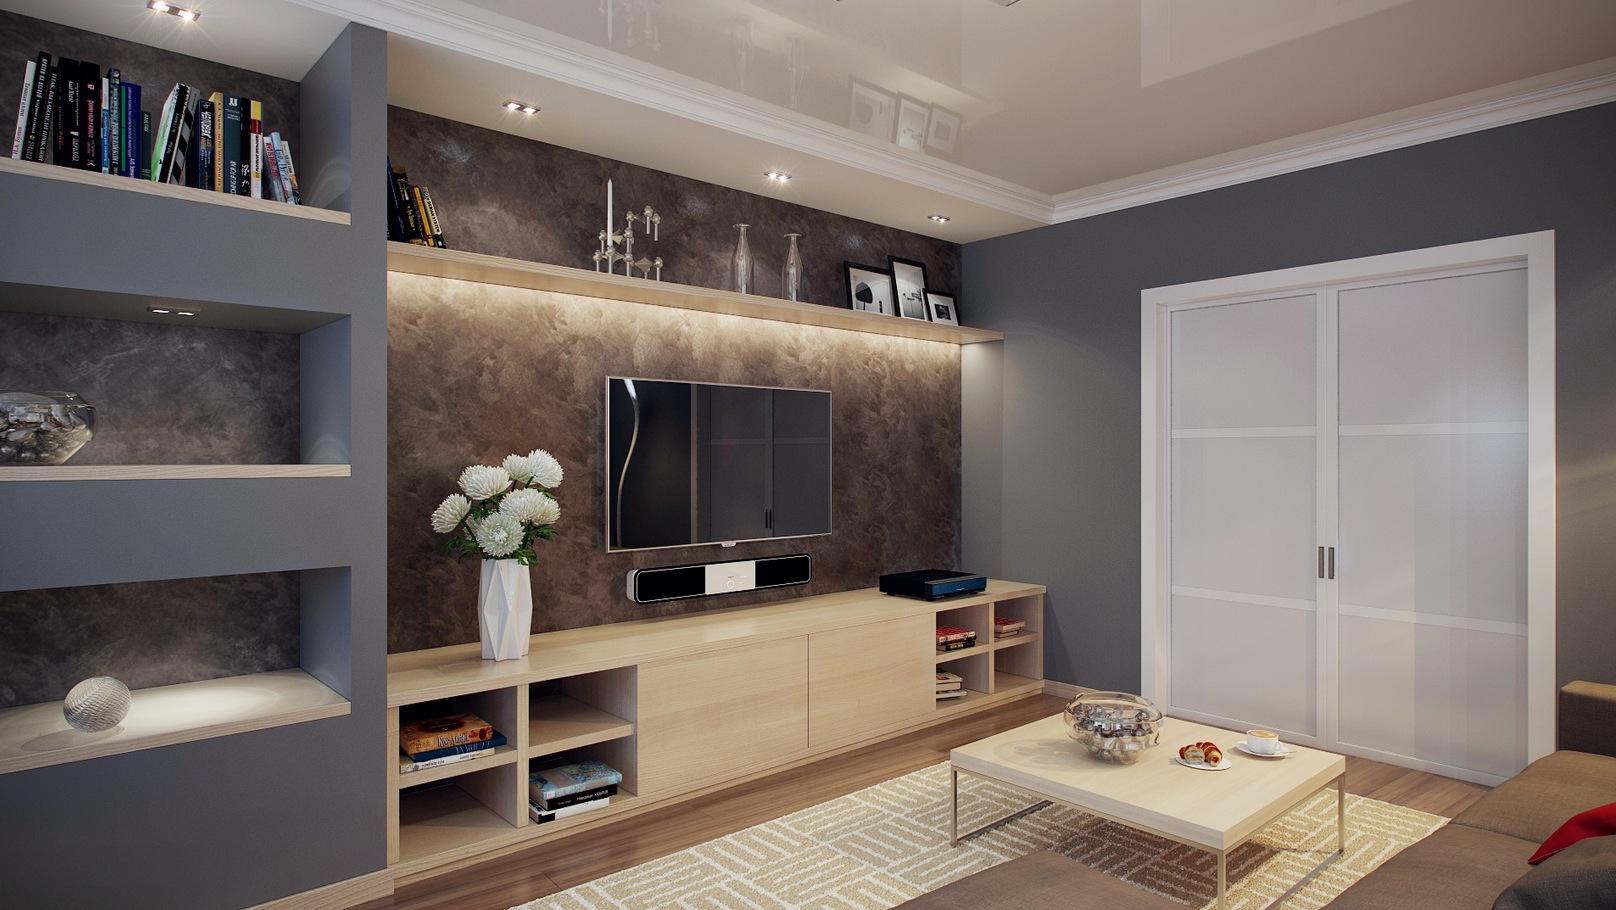 Fresh Built In Shelving Interior Design Ideas Yv57